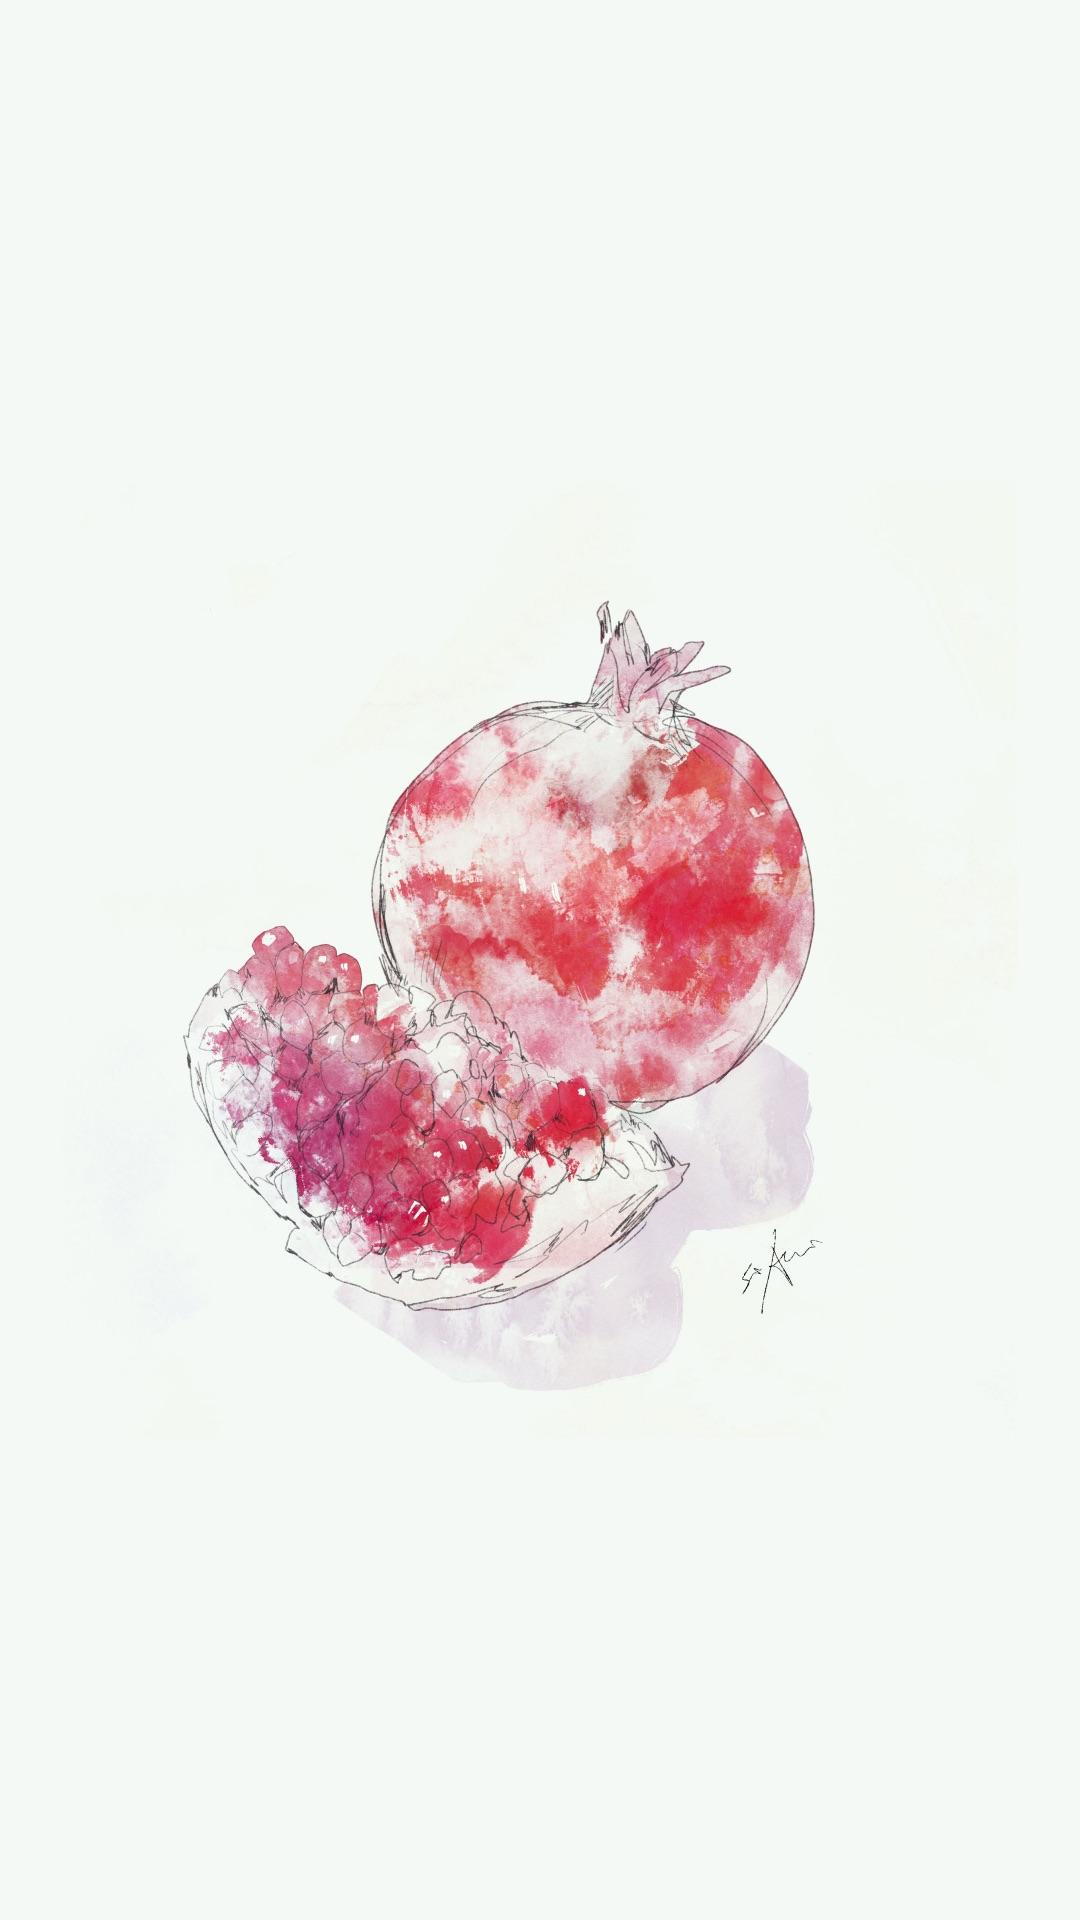 石榴 红色 白色 水果 手绘 苹果手机高清壁纸 1080x